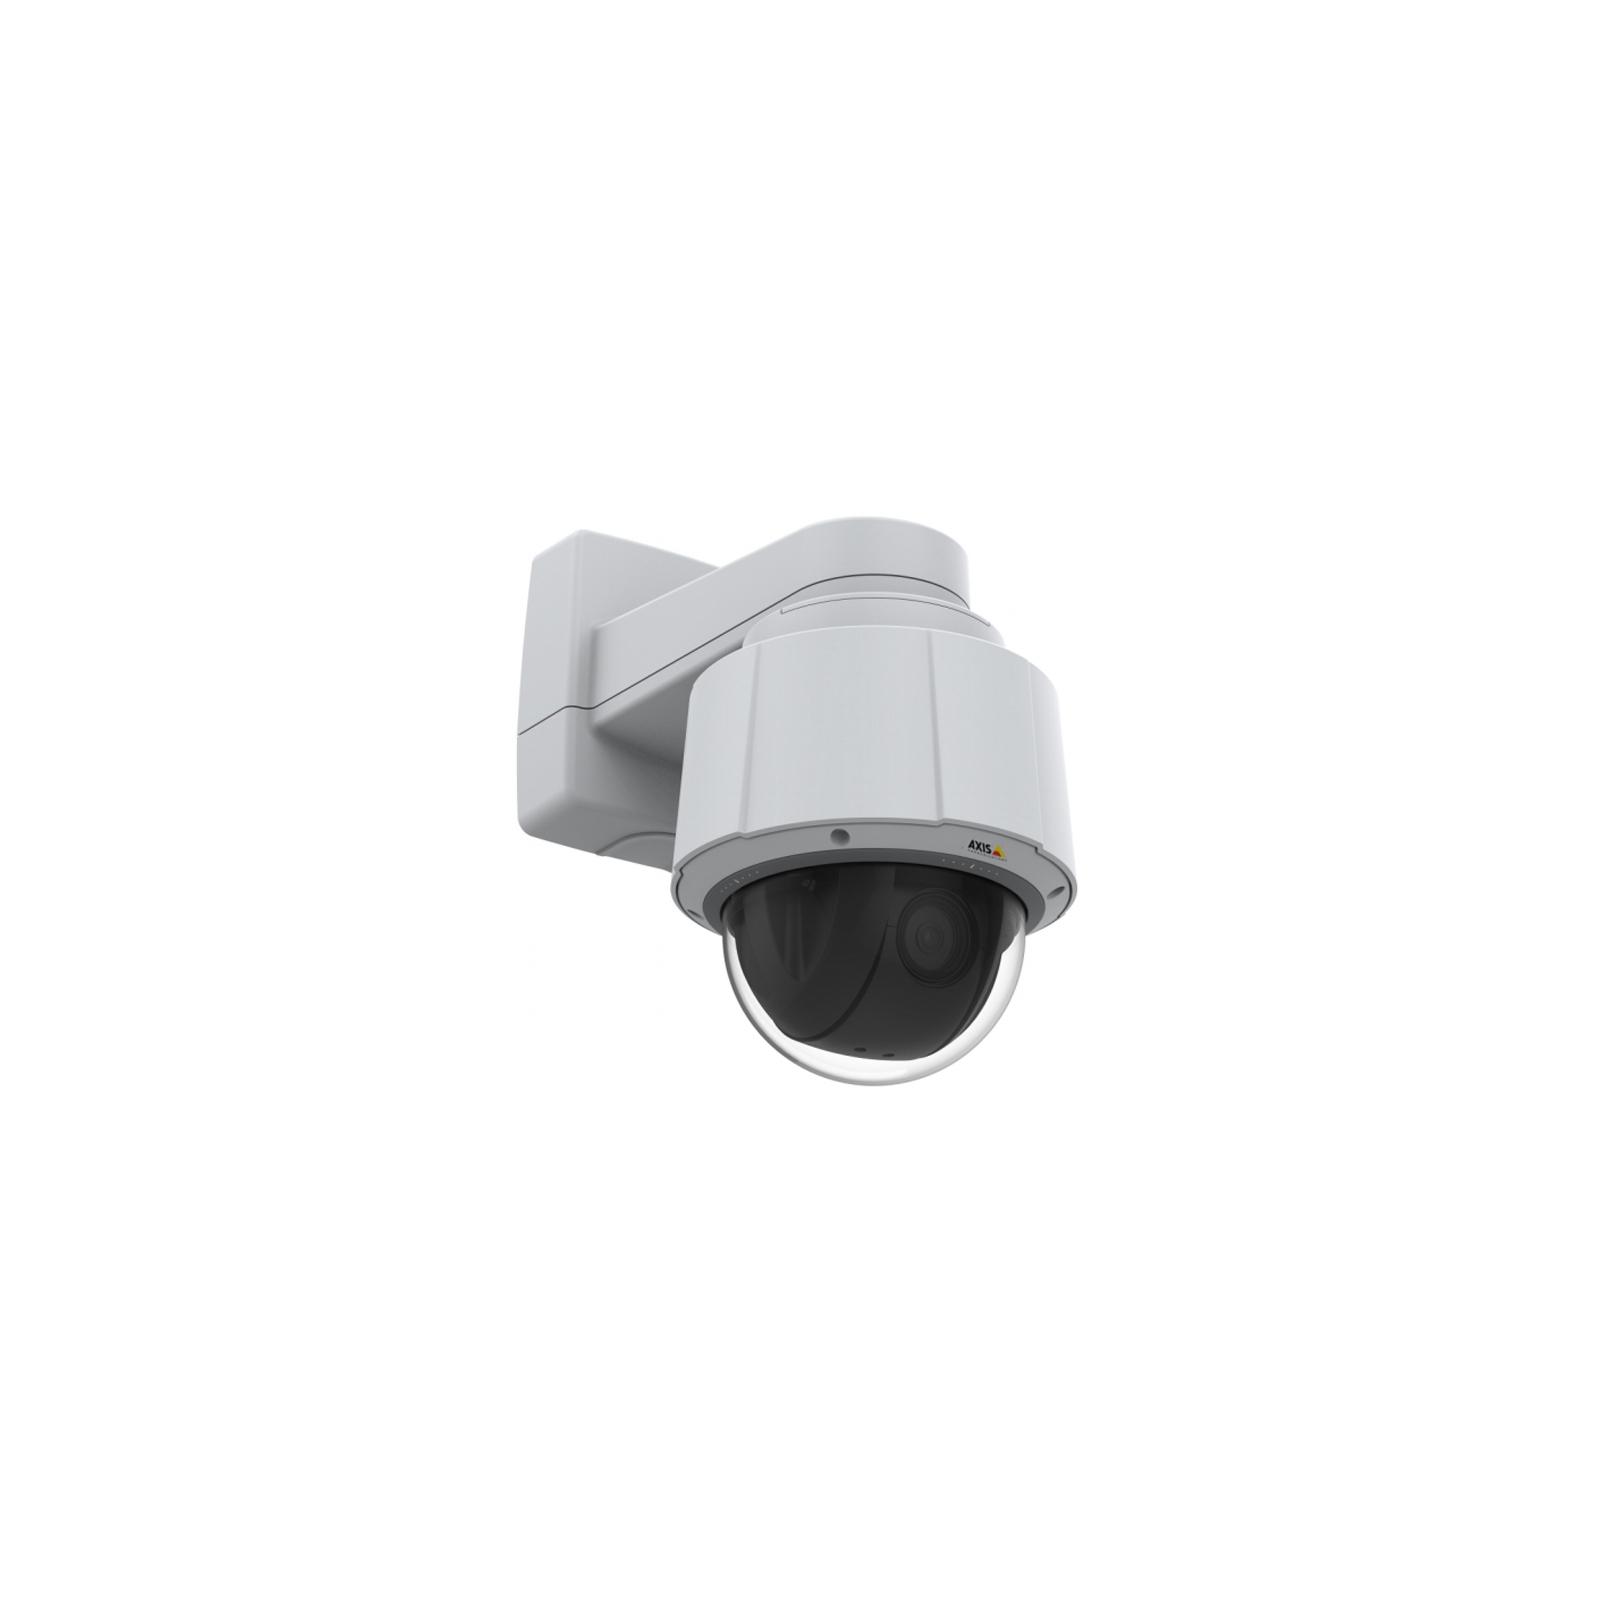 Камера видеонаблюдения Axis Q6075 50Hz (PTZ 40x) (01749-002) изображение 2